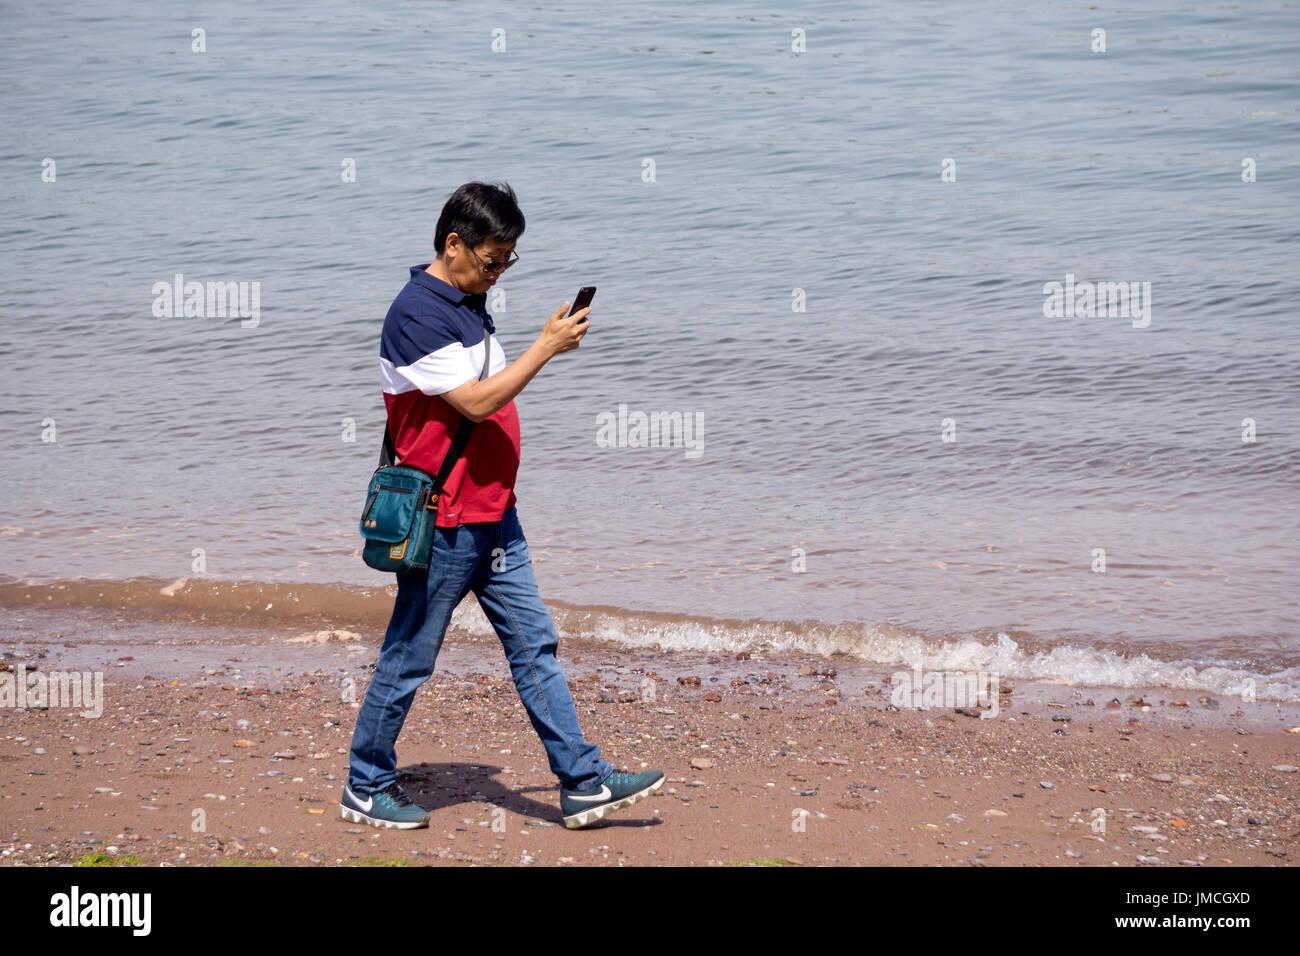 Uomo a camminare lungo la spiaggia guardando il suo telefono Immagini Stock